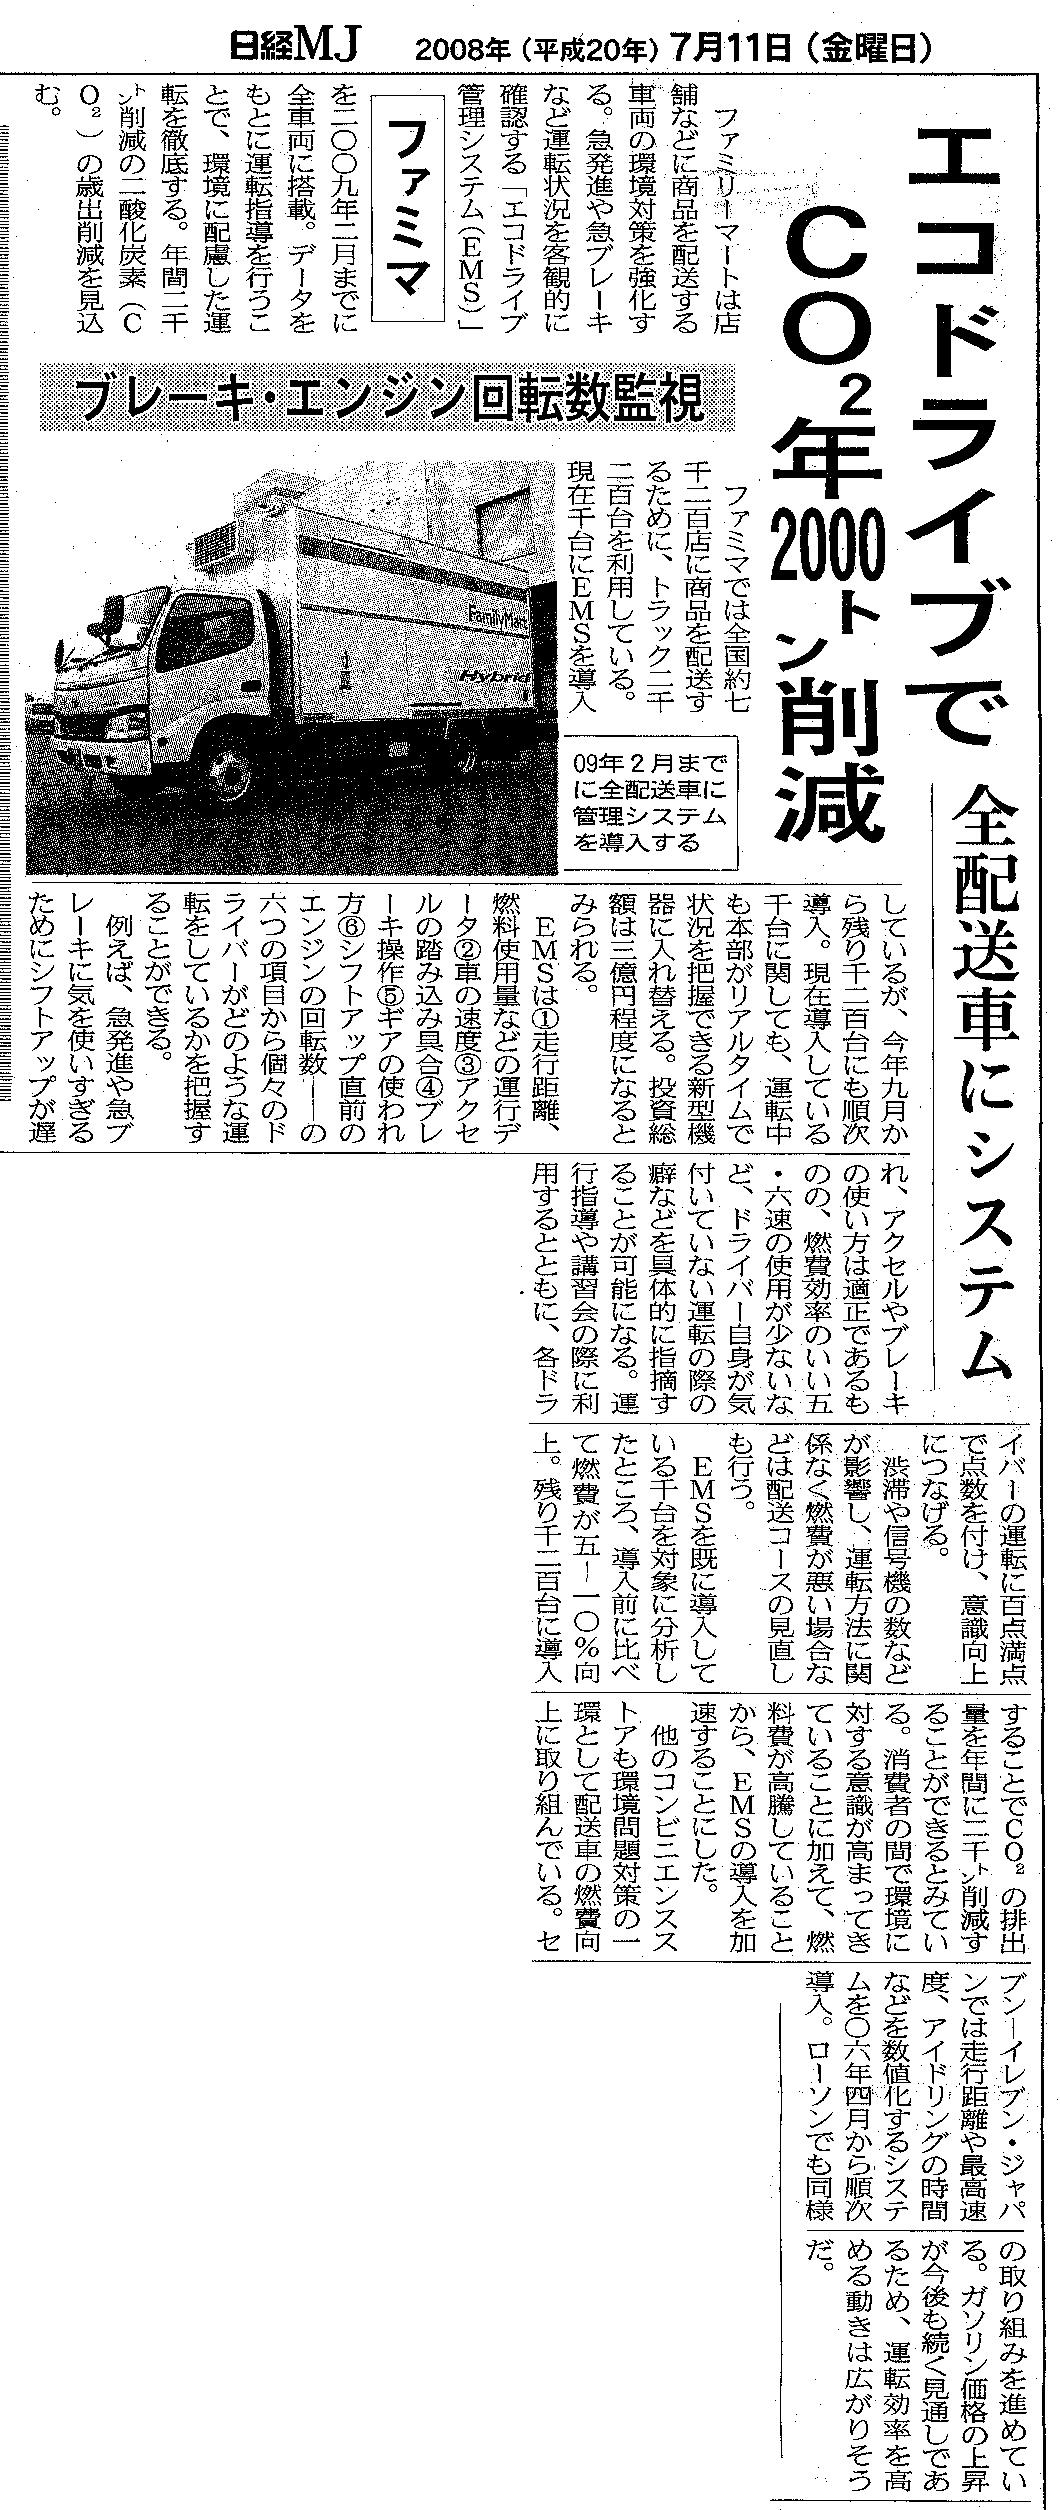 日経流通新聞 2008年07月11日 (c) 2008 日本経済新聞社